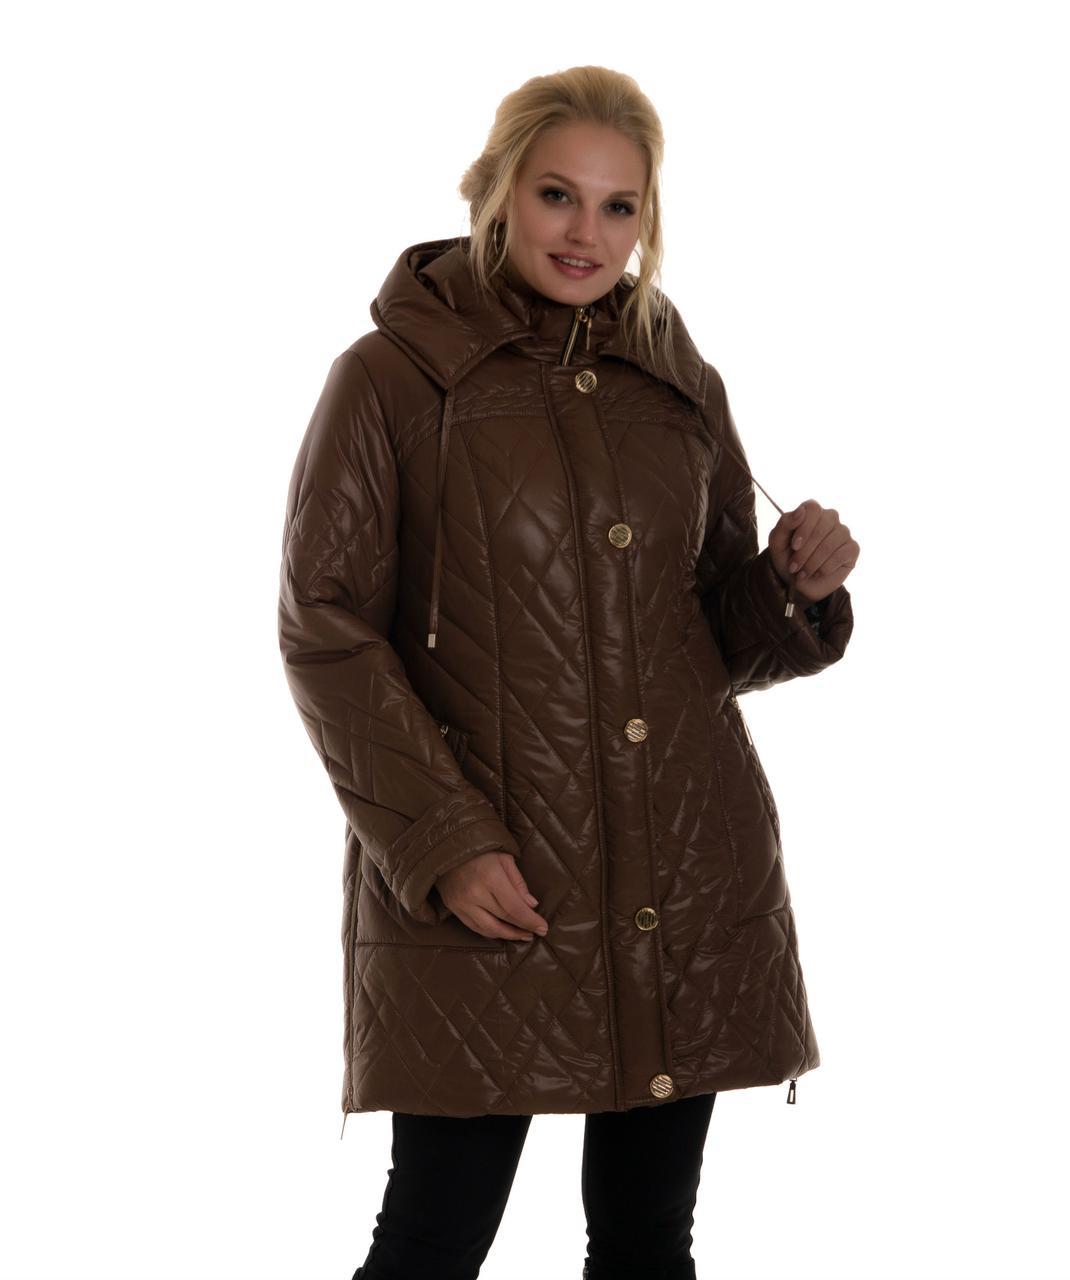 Стёганая, модная женская куртка с капюшоном.